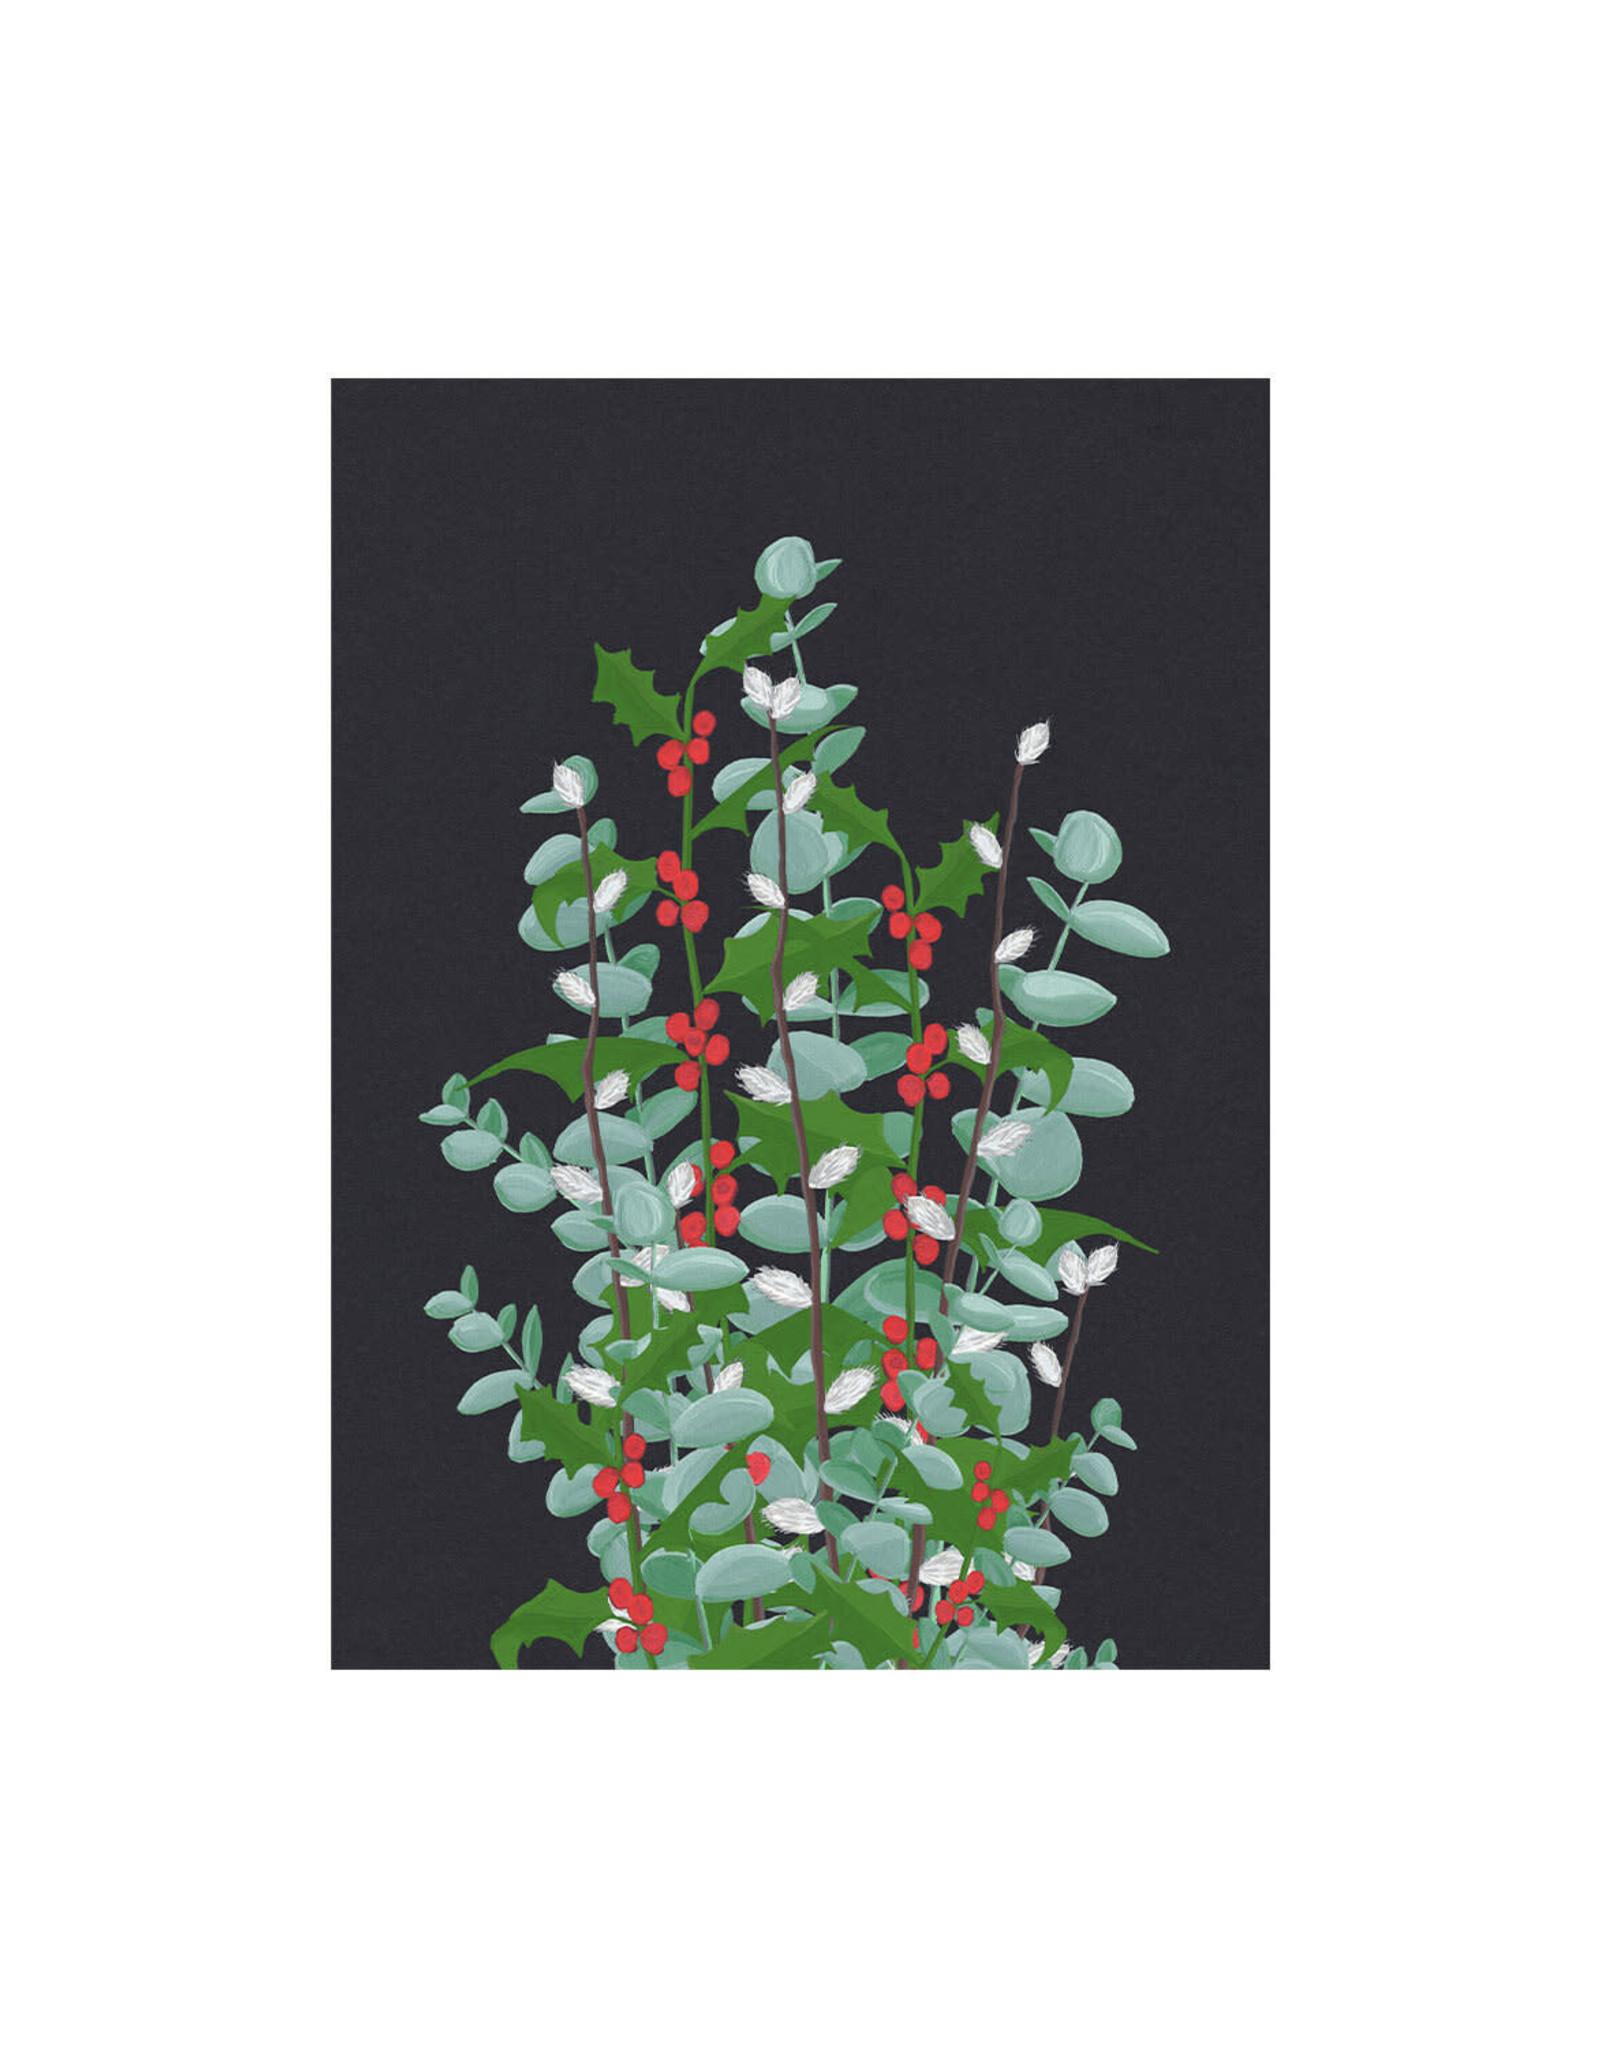 stengun drawings Wenskaart -Kerst- Christmasmarket- zwarte achtergrond- dubbele kaart - envelop-blanco